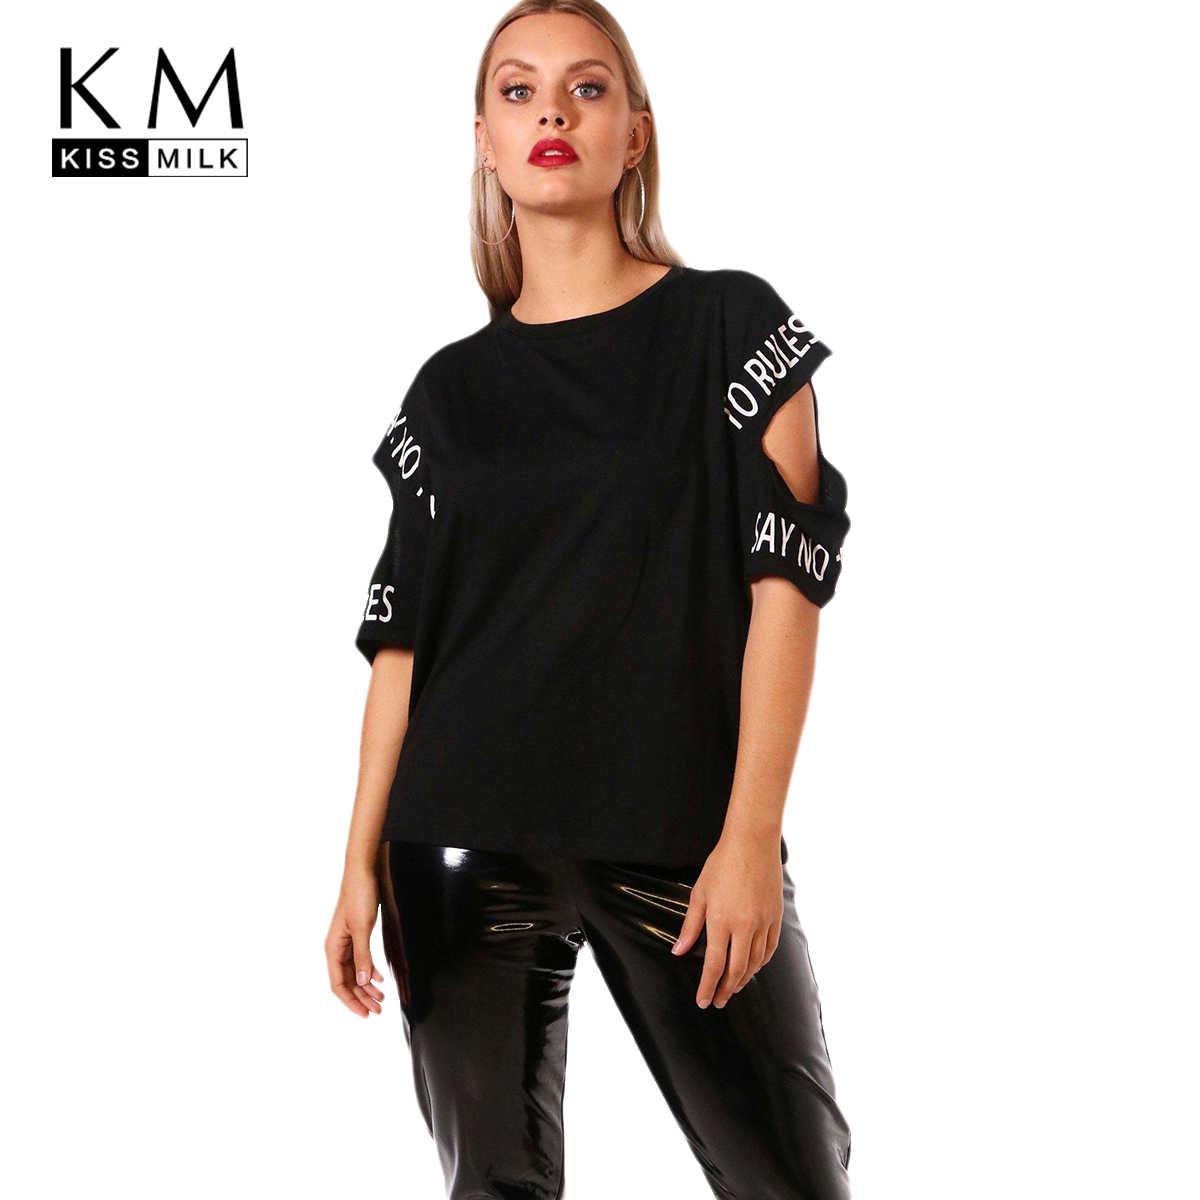 5ddddaa08c3 kissmilk Plus Size 2018 New Fashion Cut Out Women Summer T-shirts Letter  Printed O